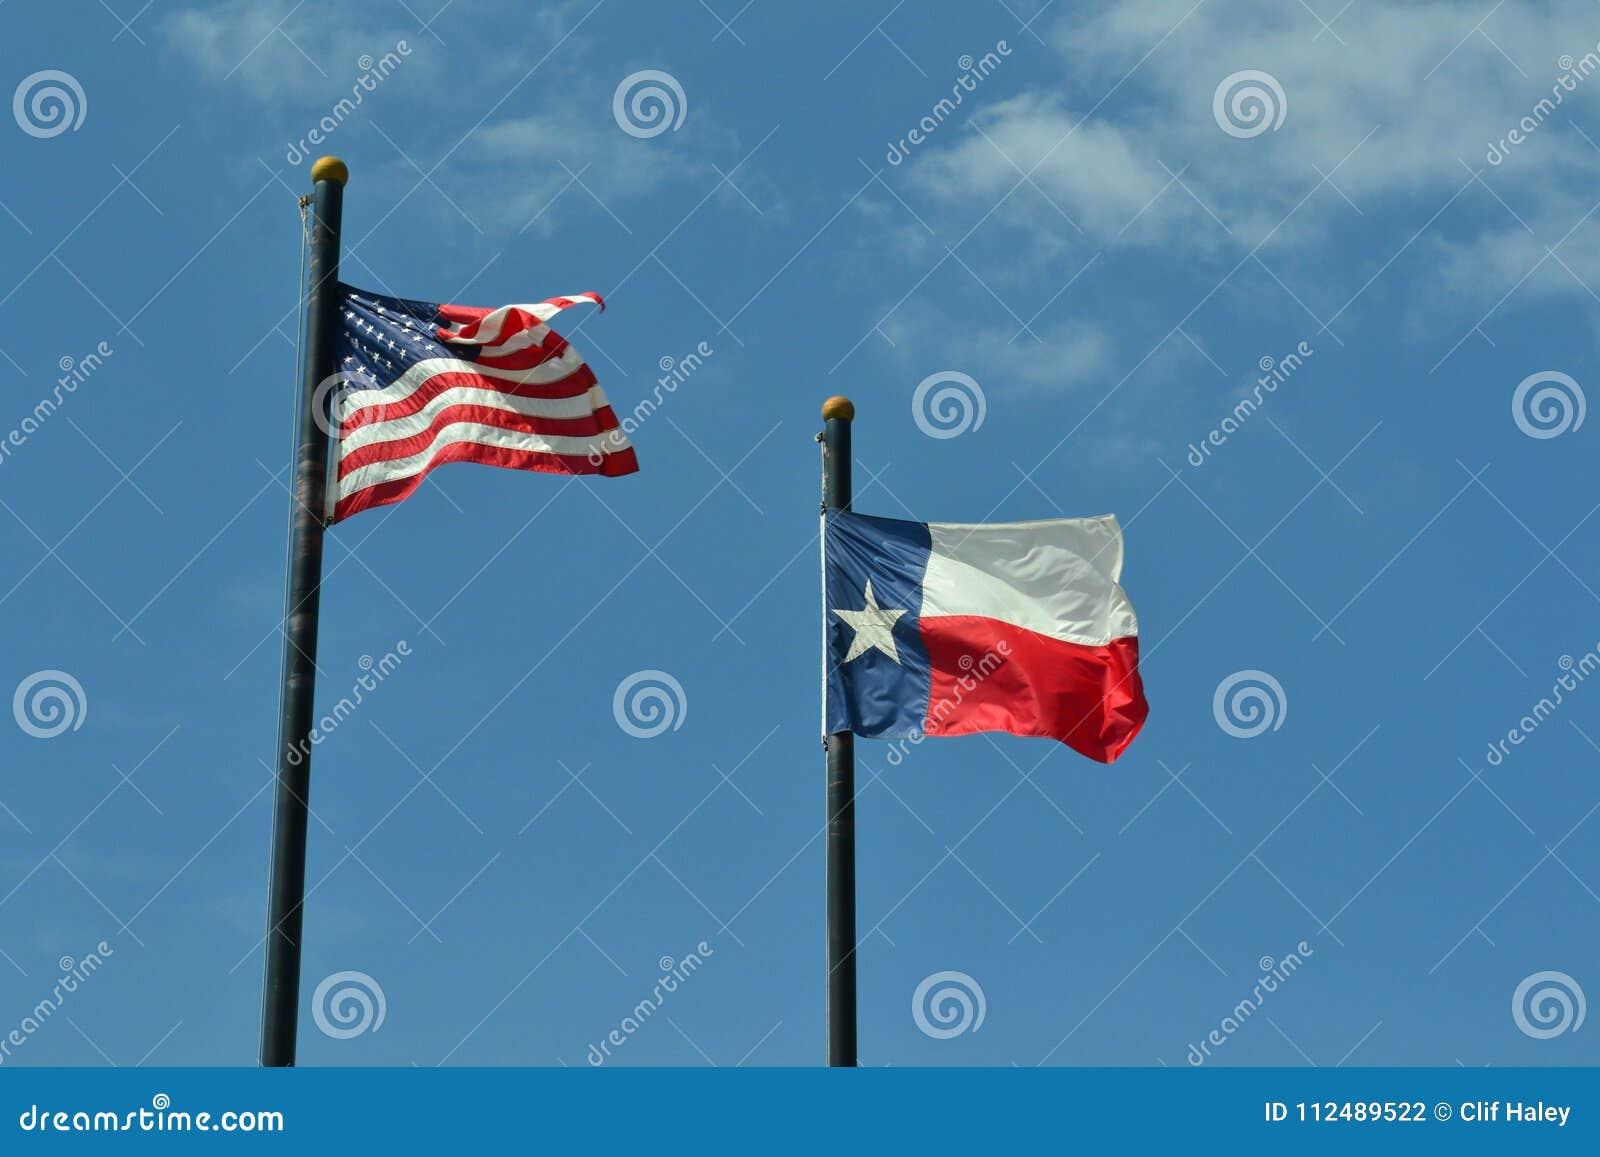 Verenigde Staten en Texas Flags Against Blue Sky